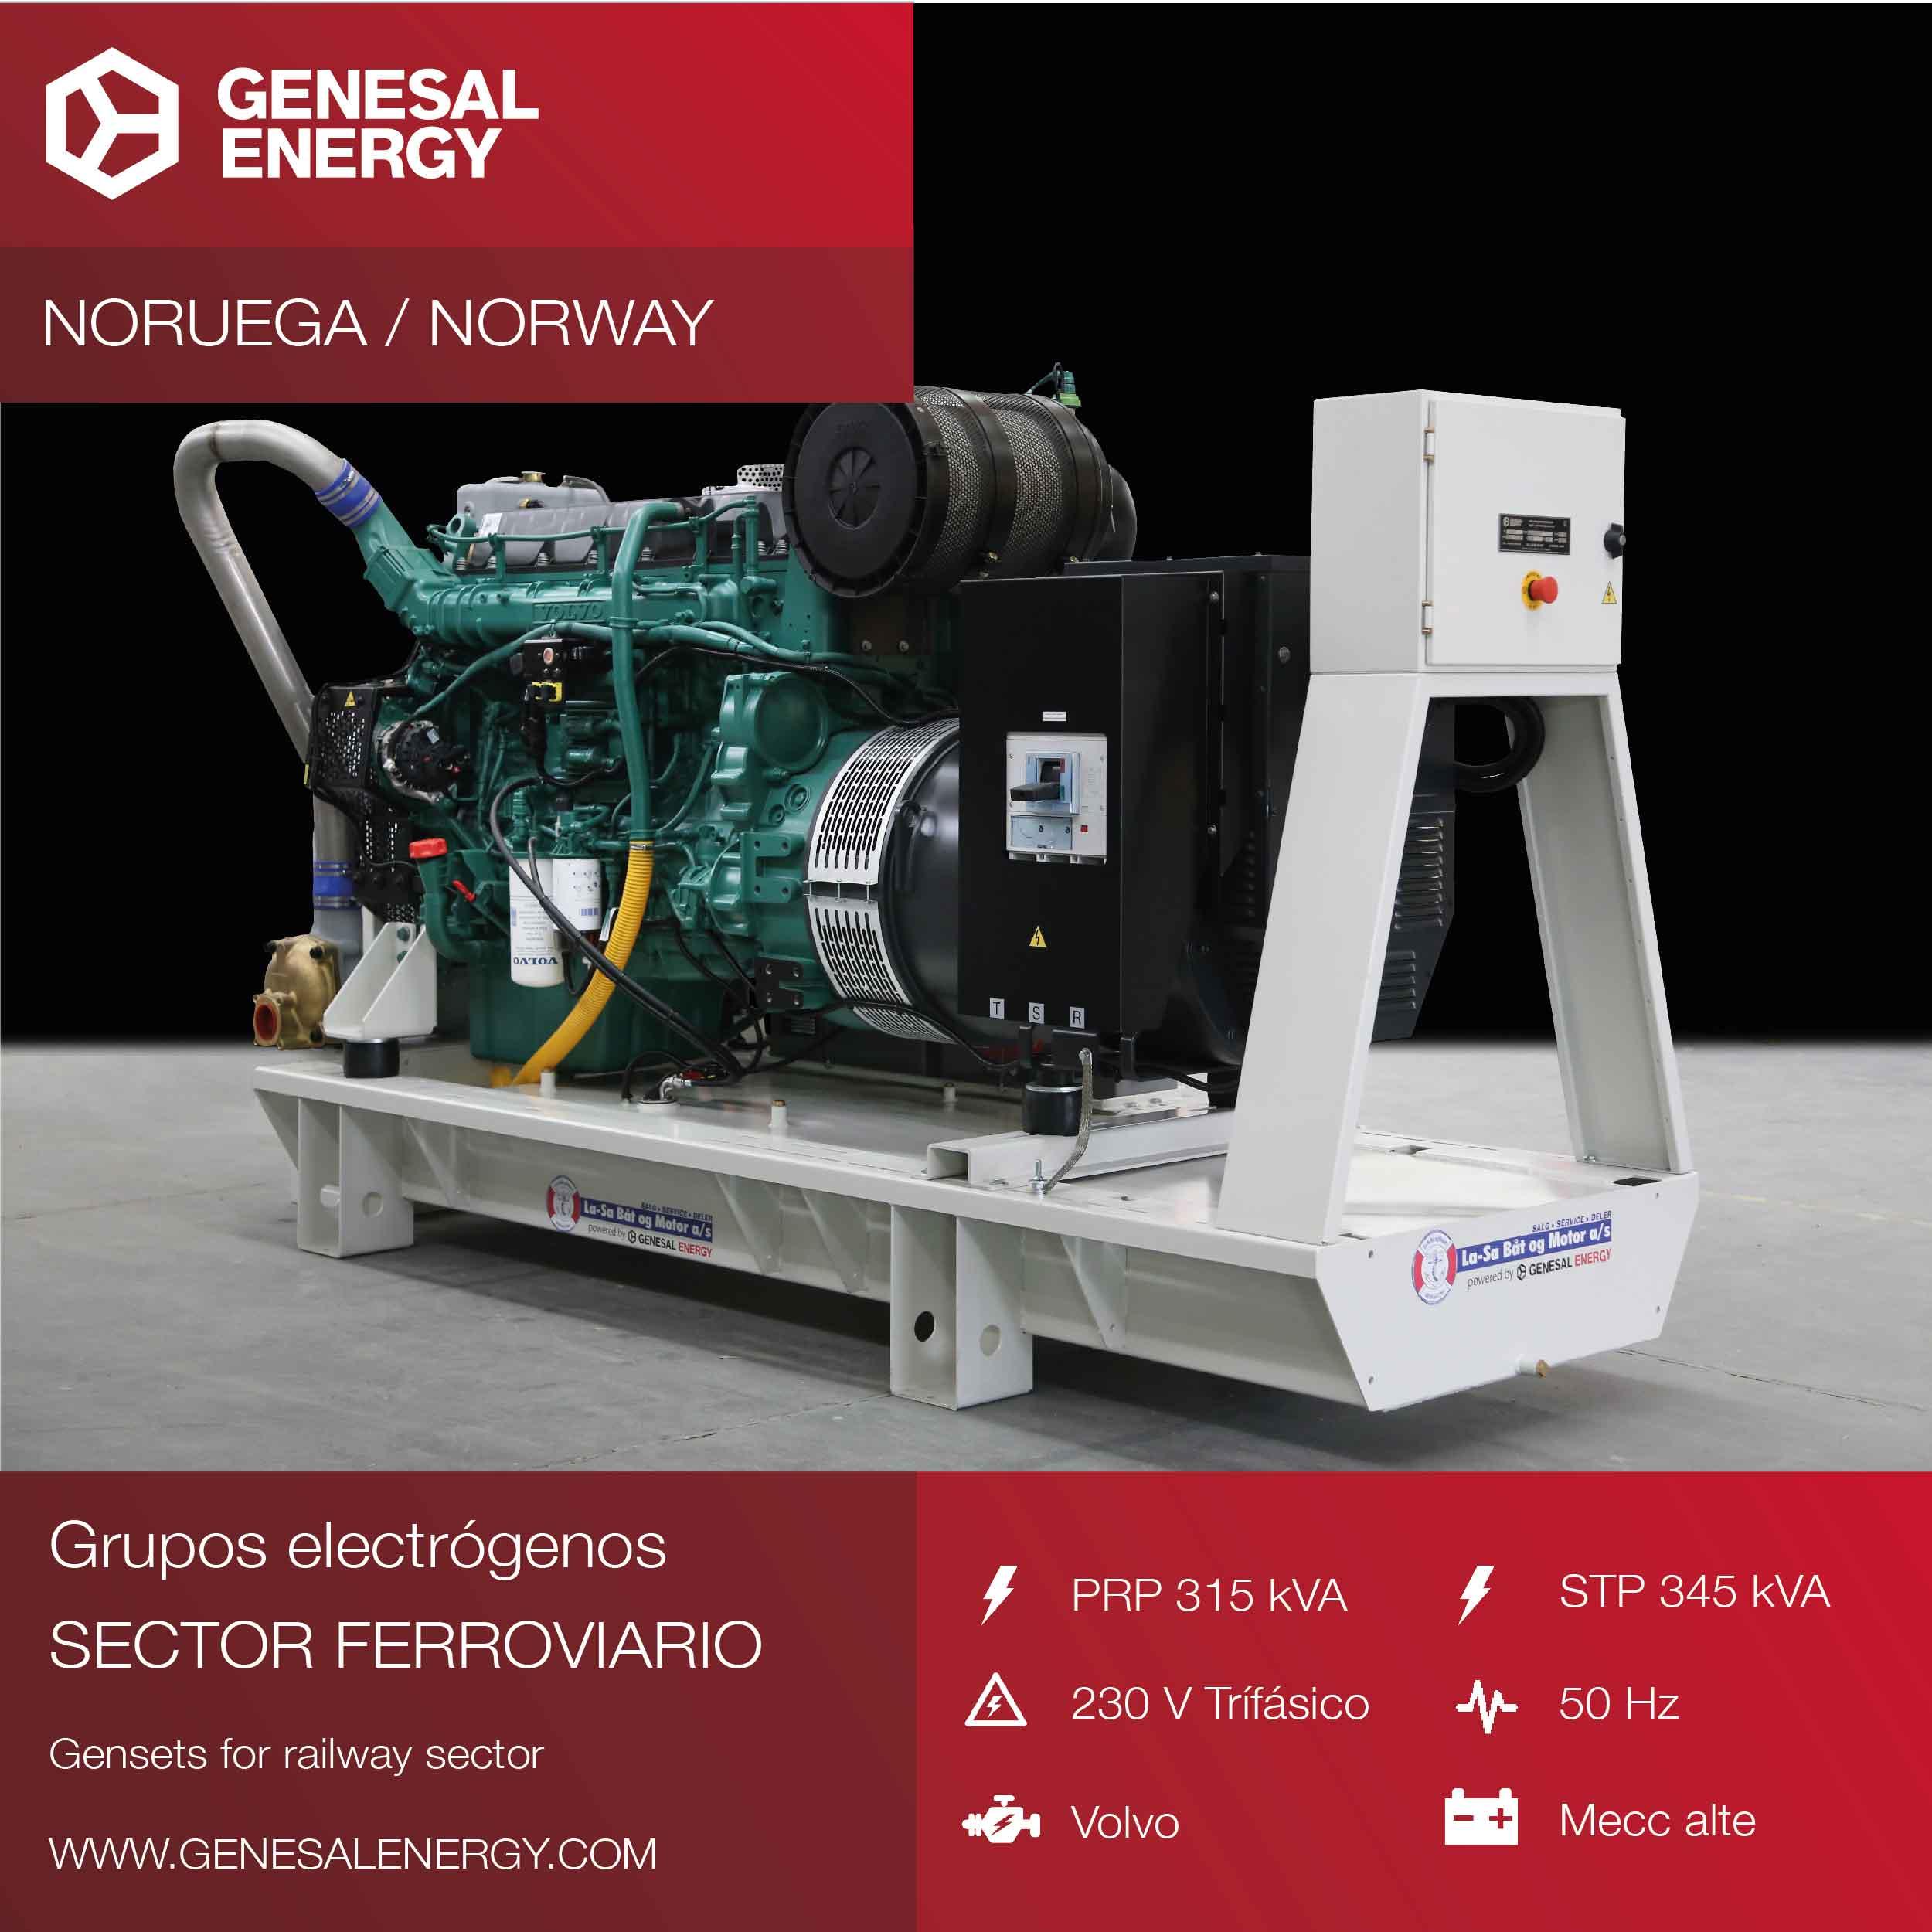 Grupos electrógenos de emergencia para el sector ferroviario